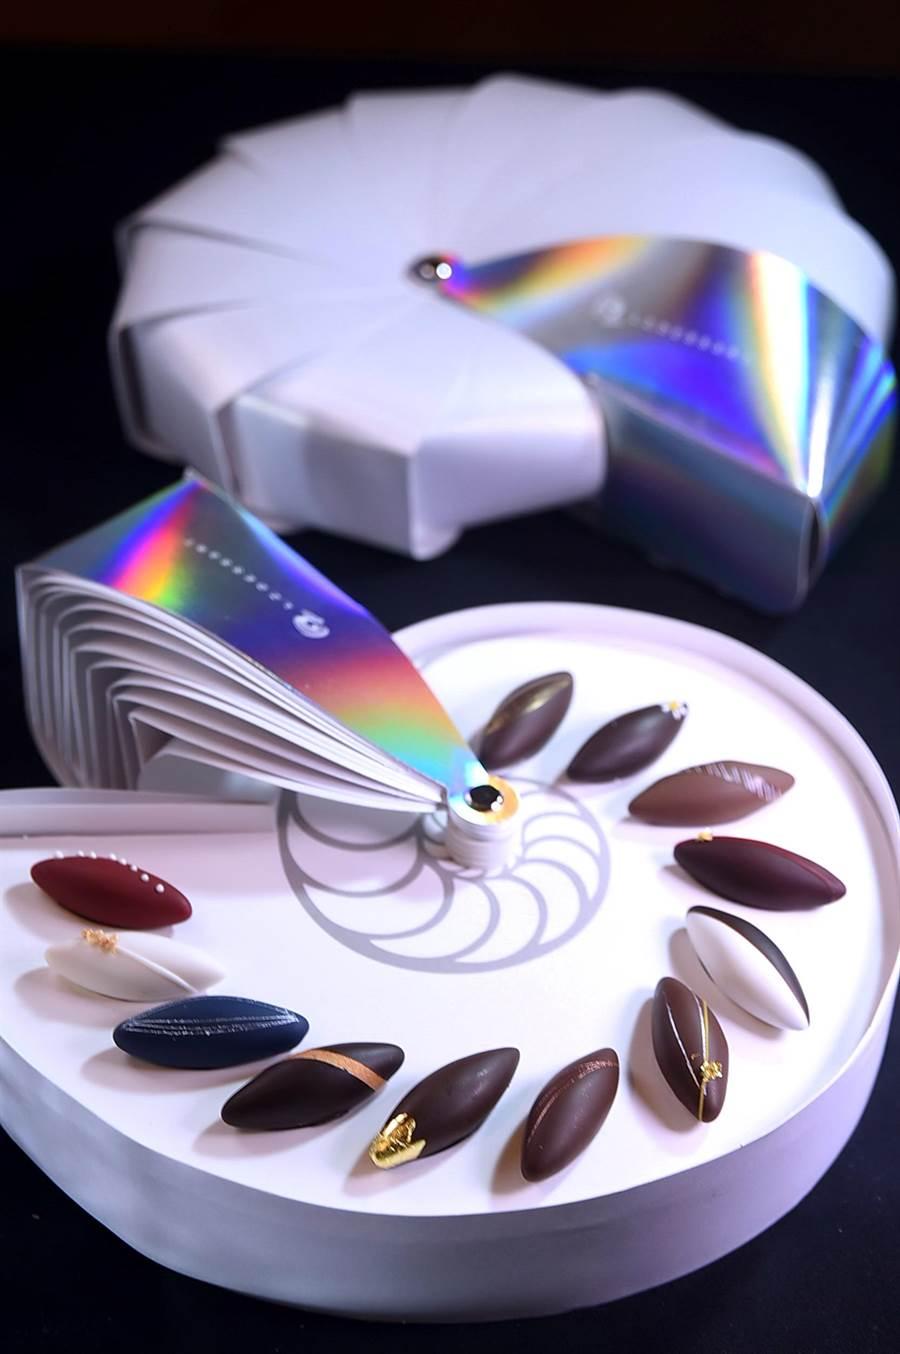 〈L.Z.DESSART〉的魚形巧克力禮盒,是陳立喆以鸚鵡螺造形發想設計,珍珠白的盒身並有七彩雷射炫光,優雅與時尚兼具。(攝影/姚舜)